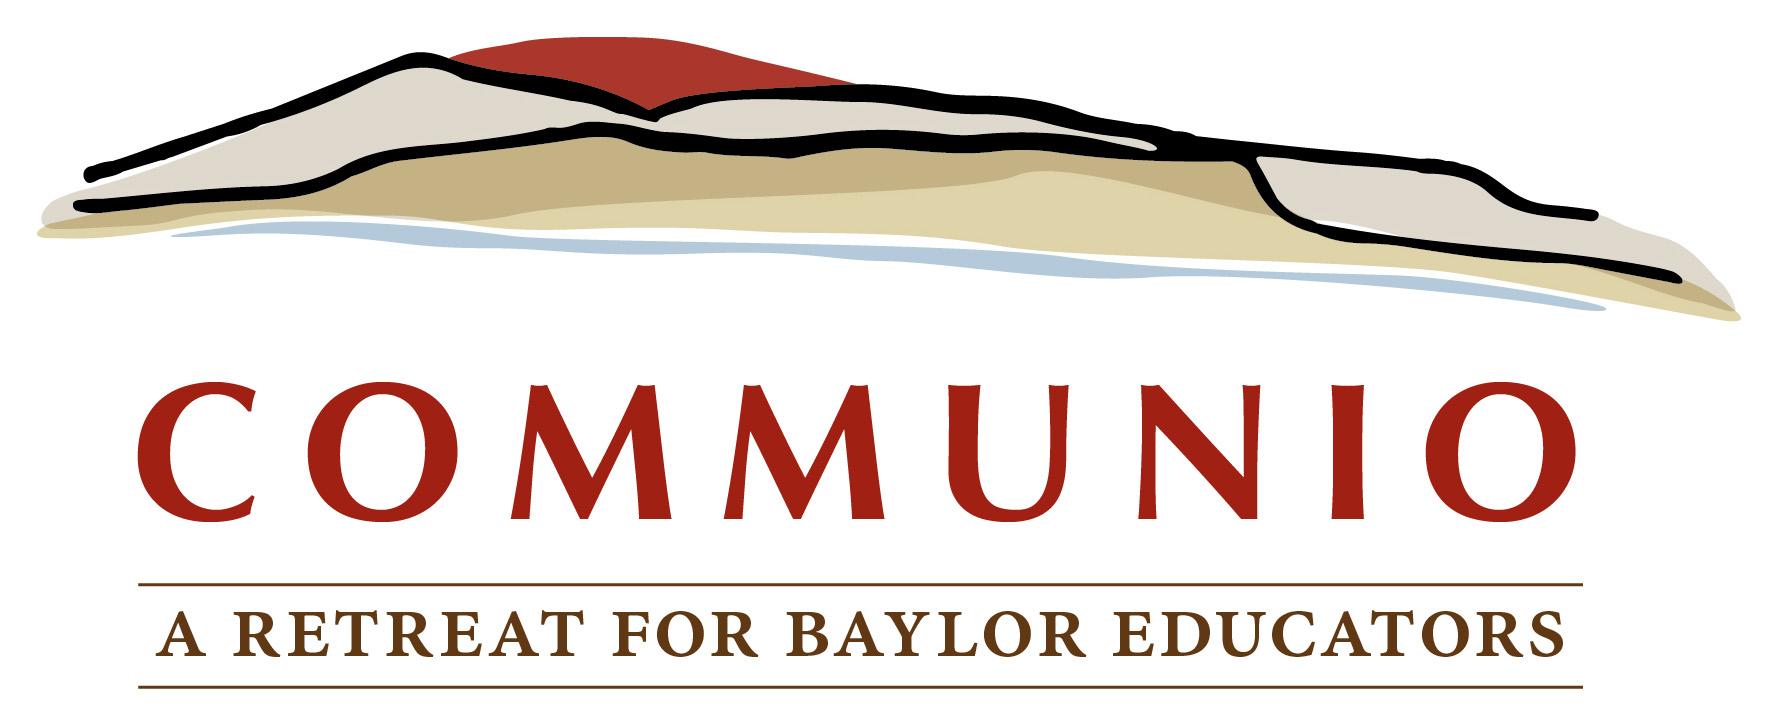 Communio Retreat Logo